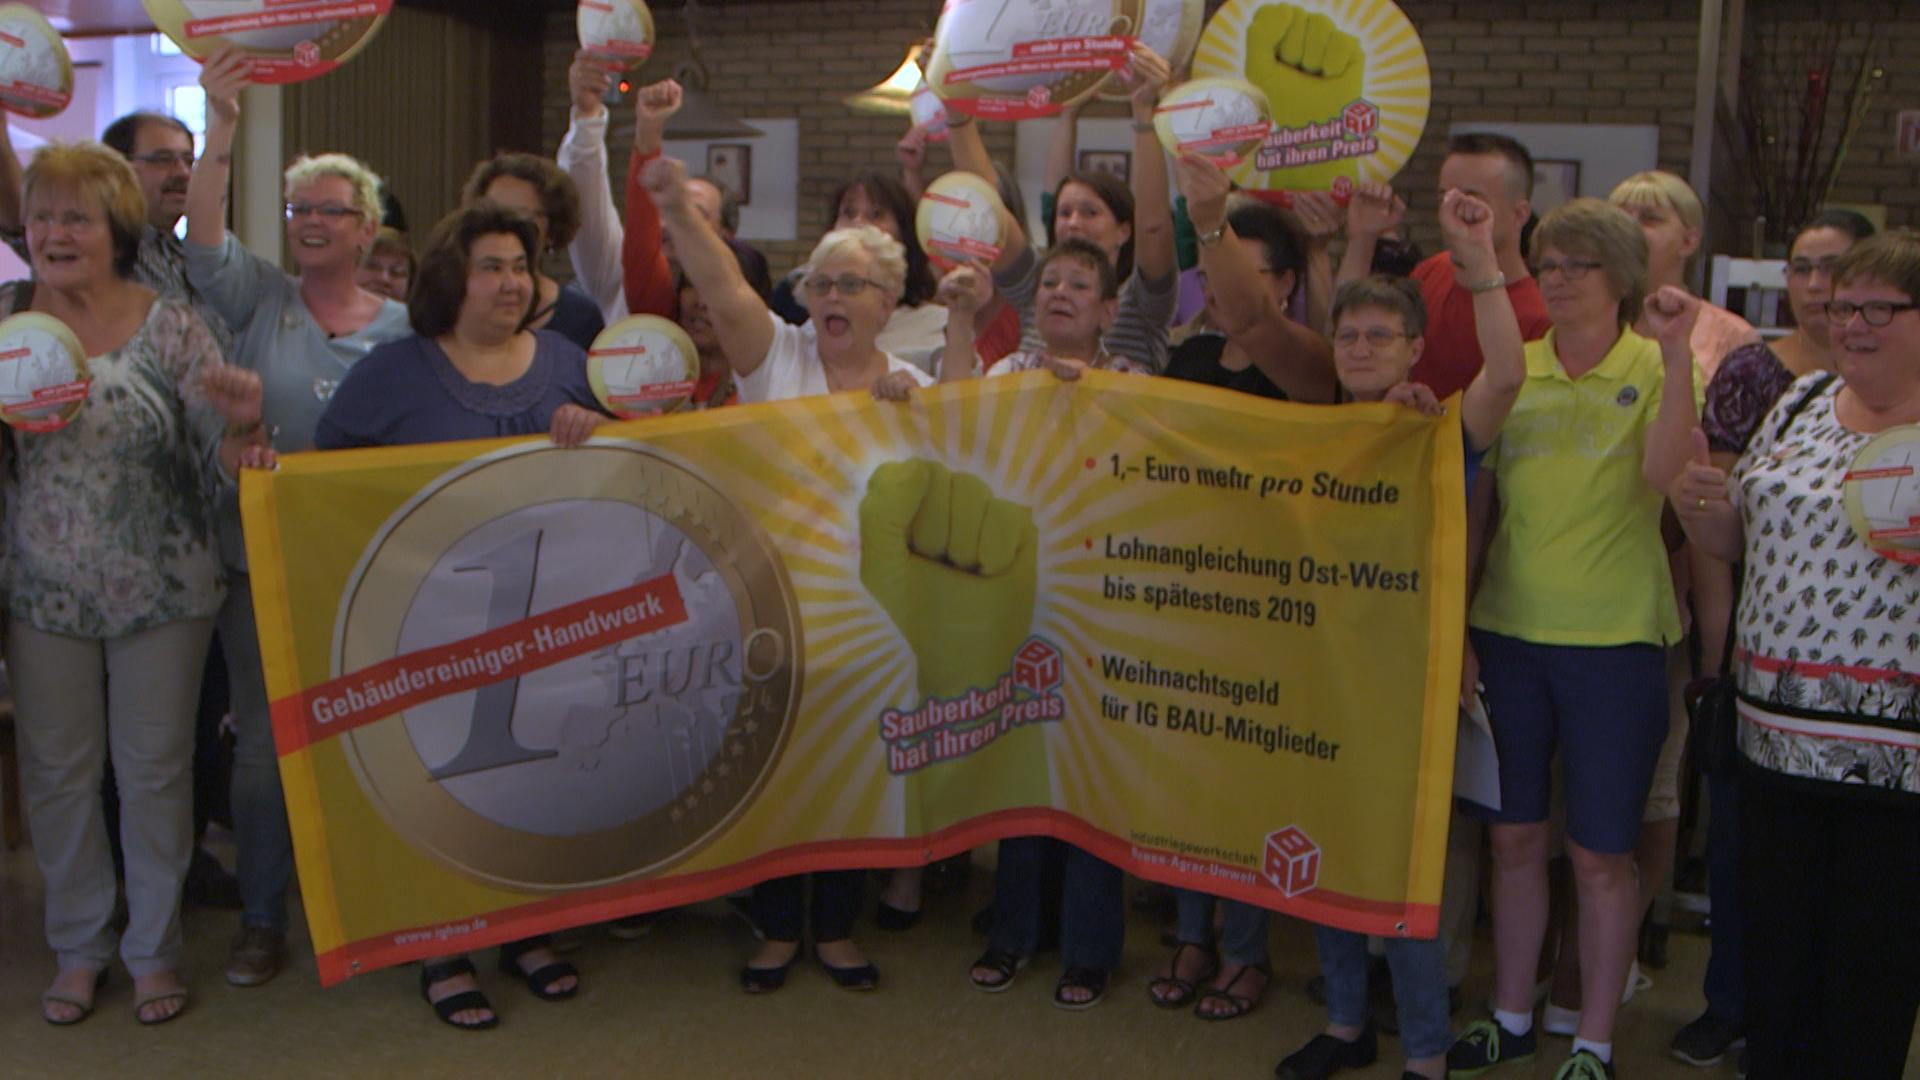 Petra Vogel kæmper for at få 1 Euro mere i timen